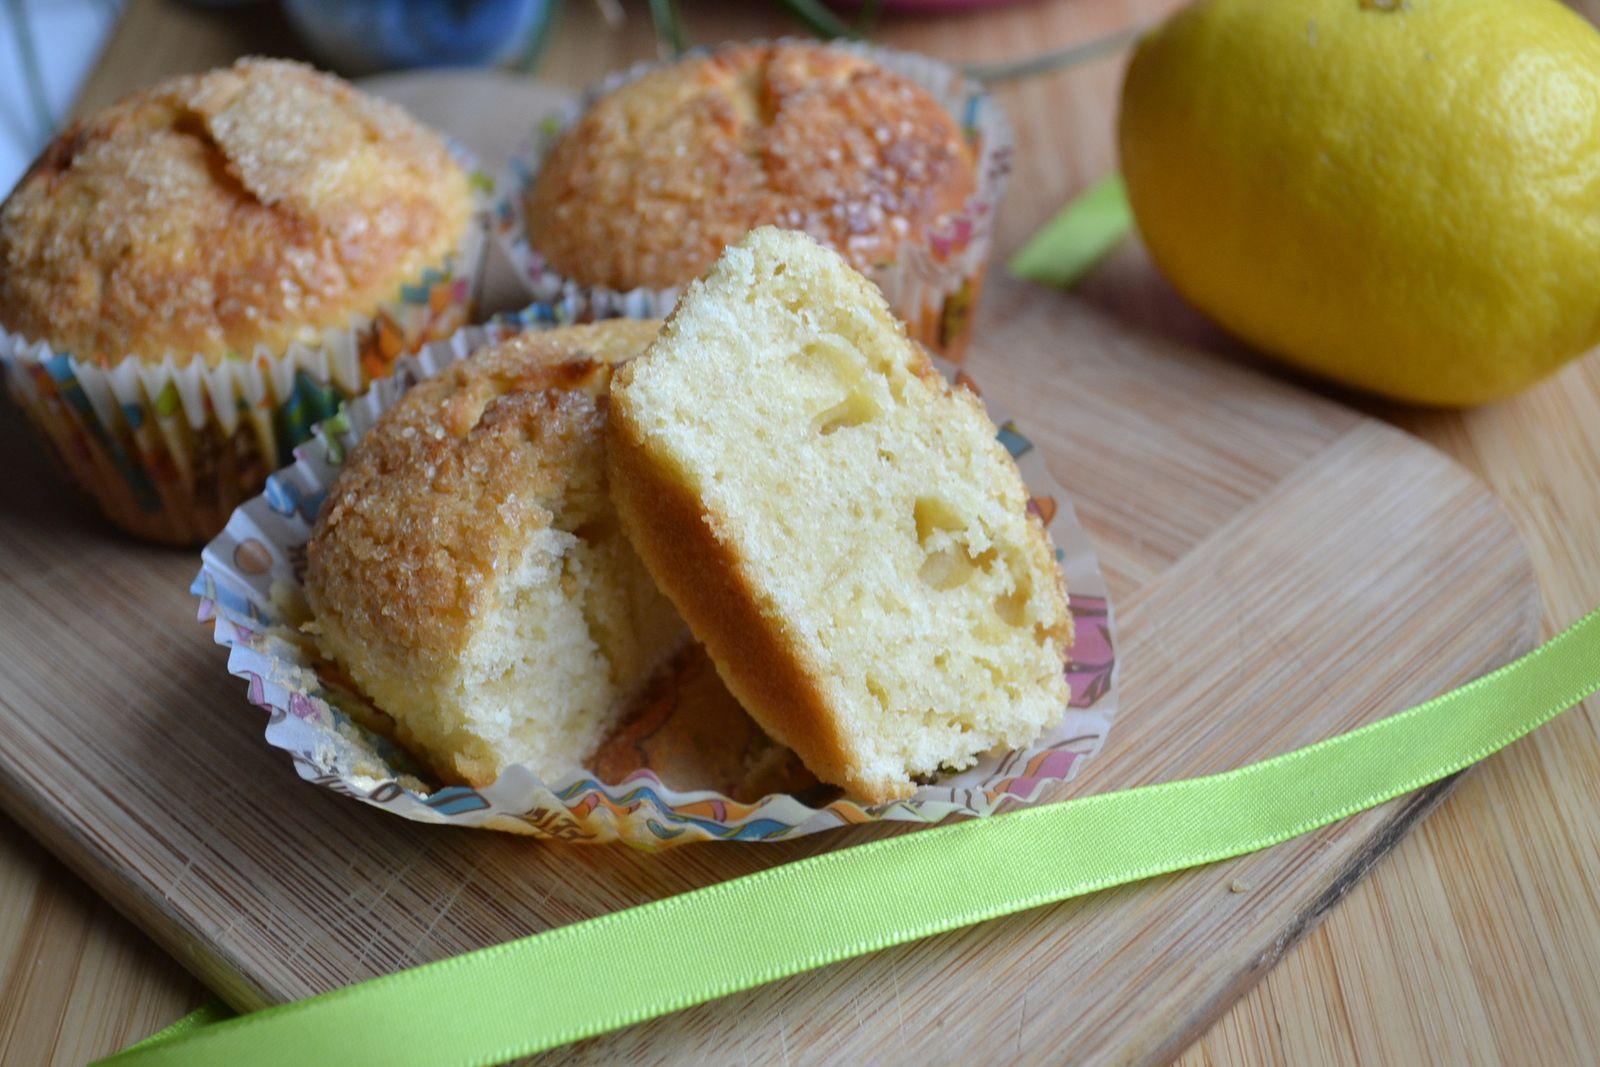 Magdelanas au citron